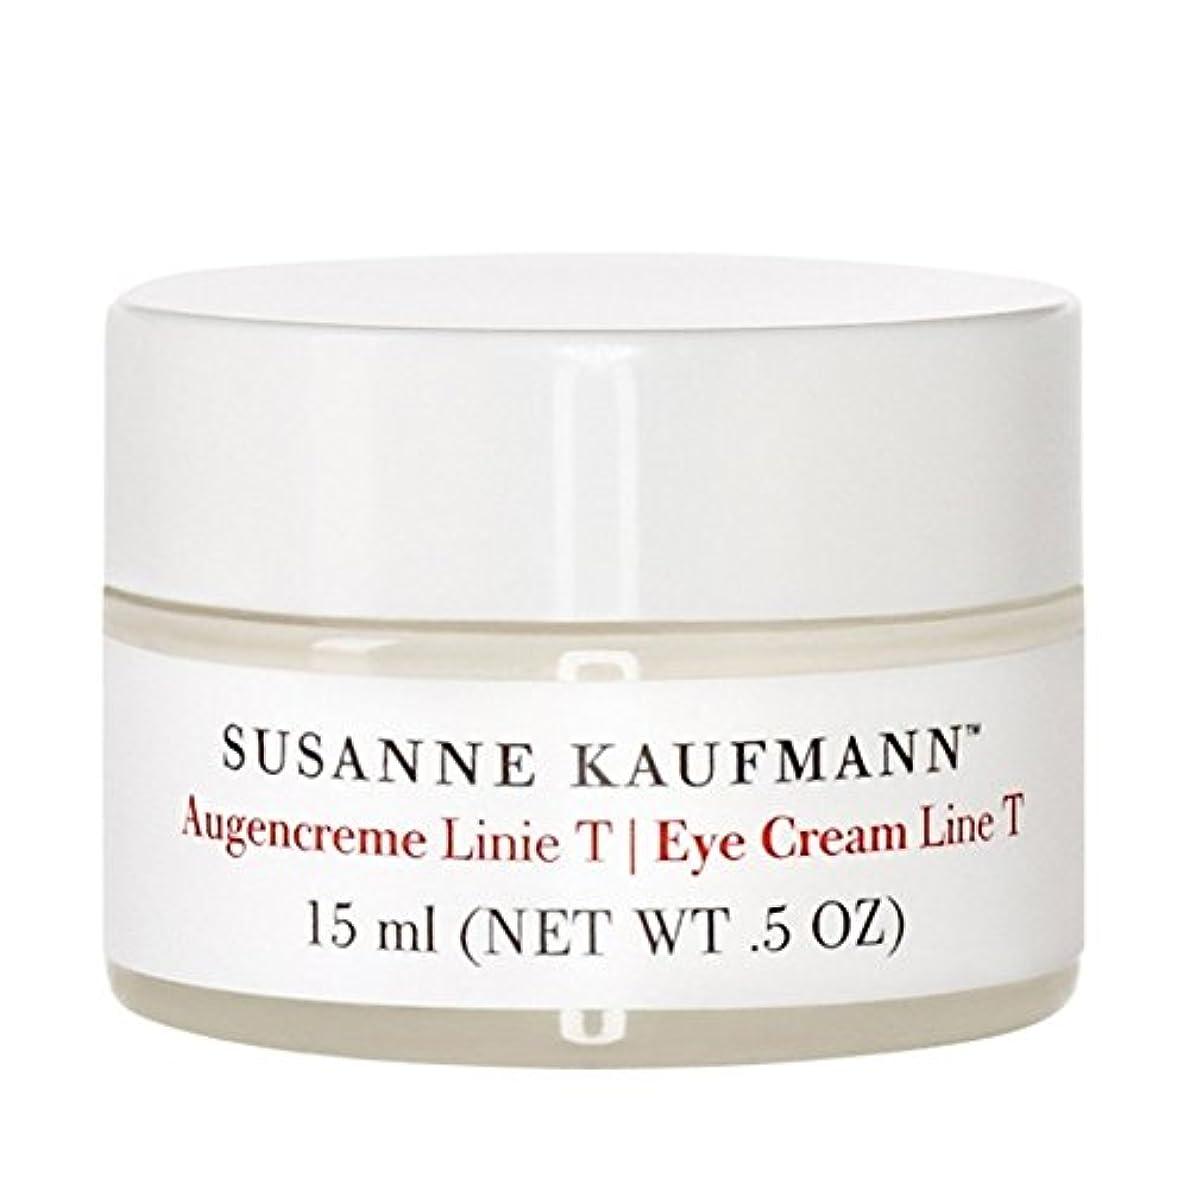 散髪合成理解スザンヌカウフマンアイクリームライントンの15ミリリットル x2 - Susanne Kaufmann Eye Cream Line T 15ml (Pack of 2) [並行輸入品]